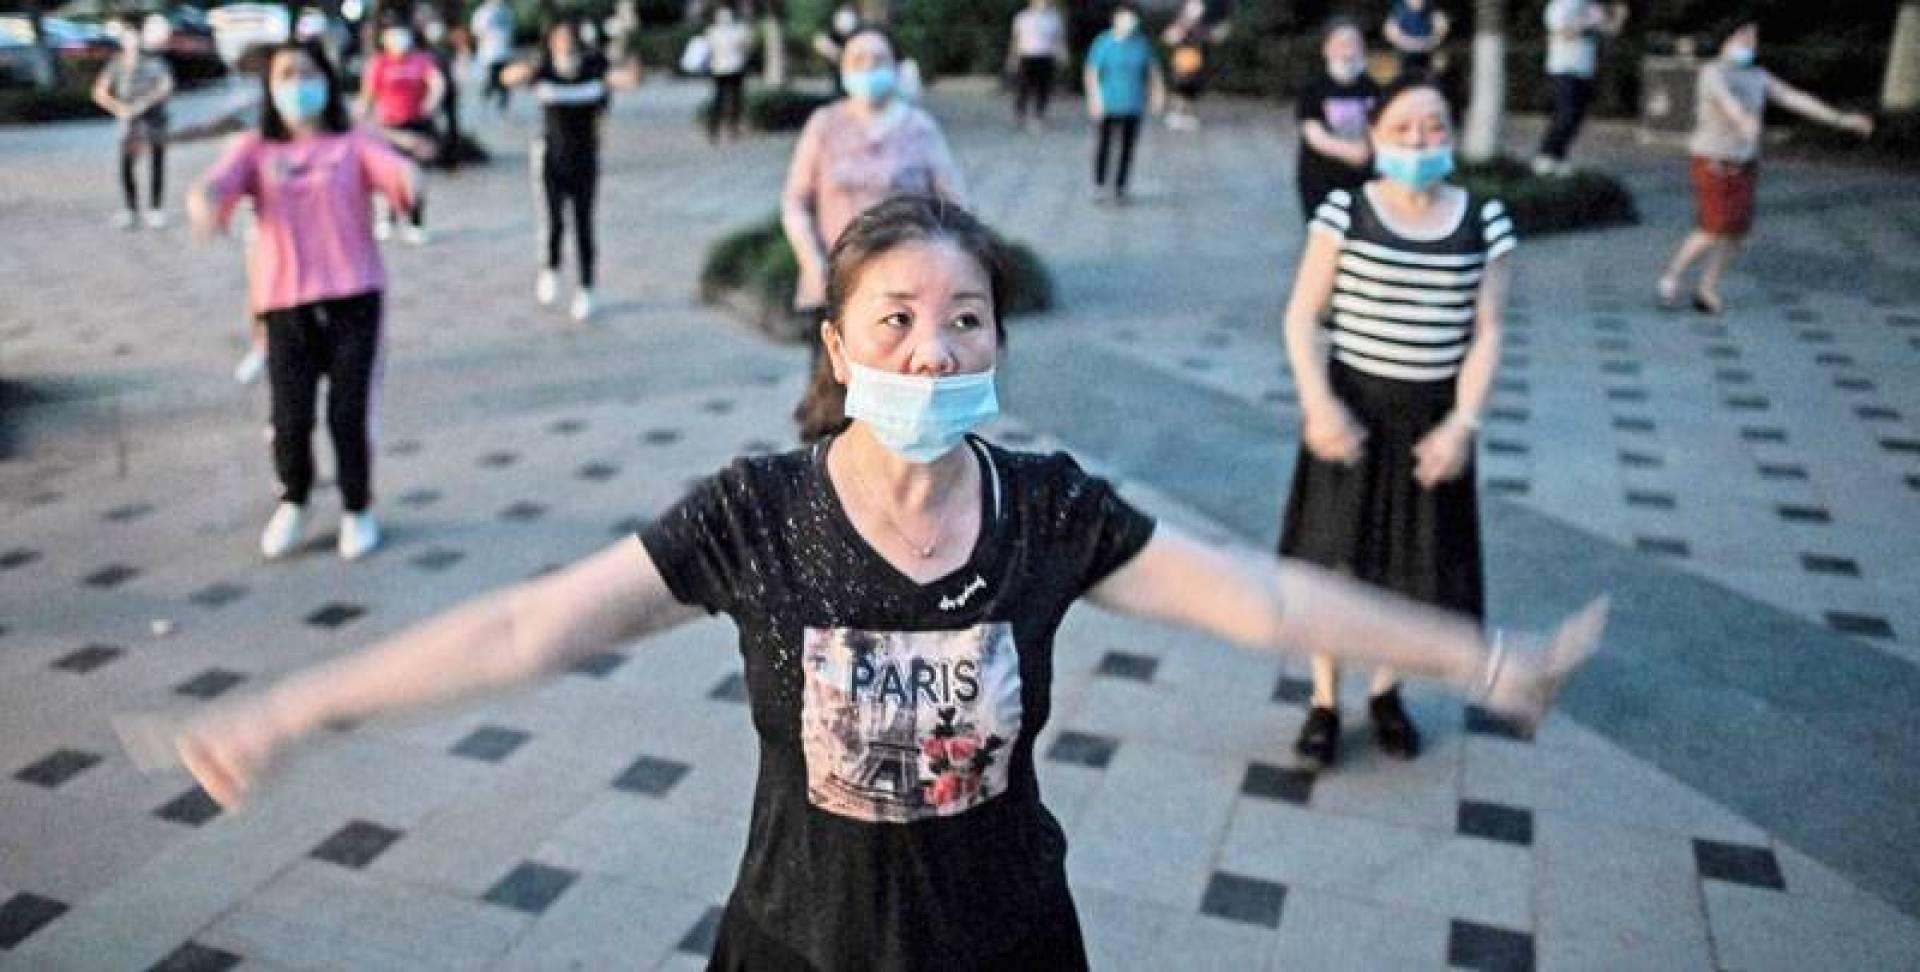 نساء يؤدين رقصة في حديقة بووهان بعد إعلان الصين الانتصارعلى «كورونا» (أ ف ب)